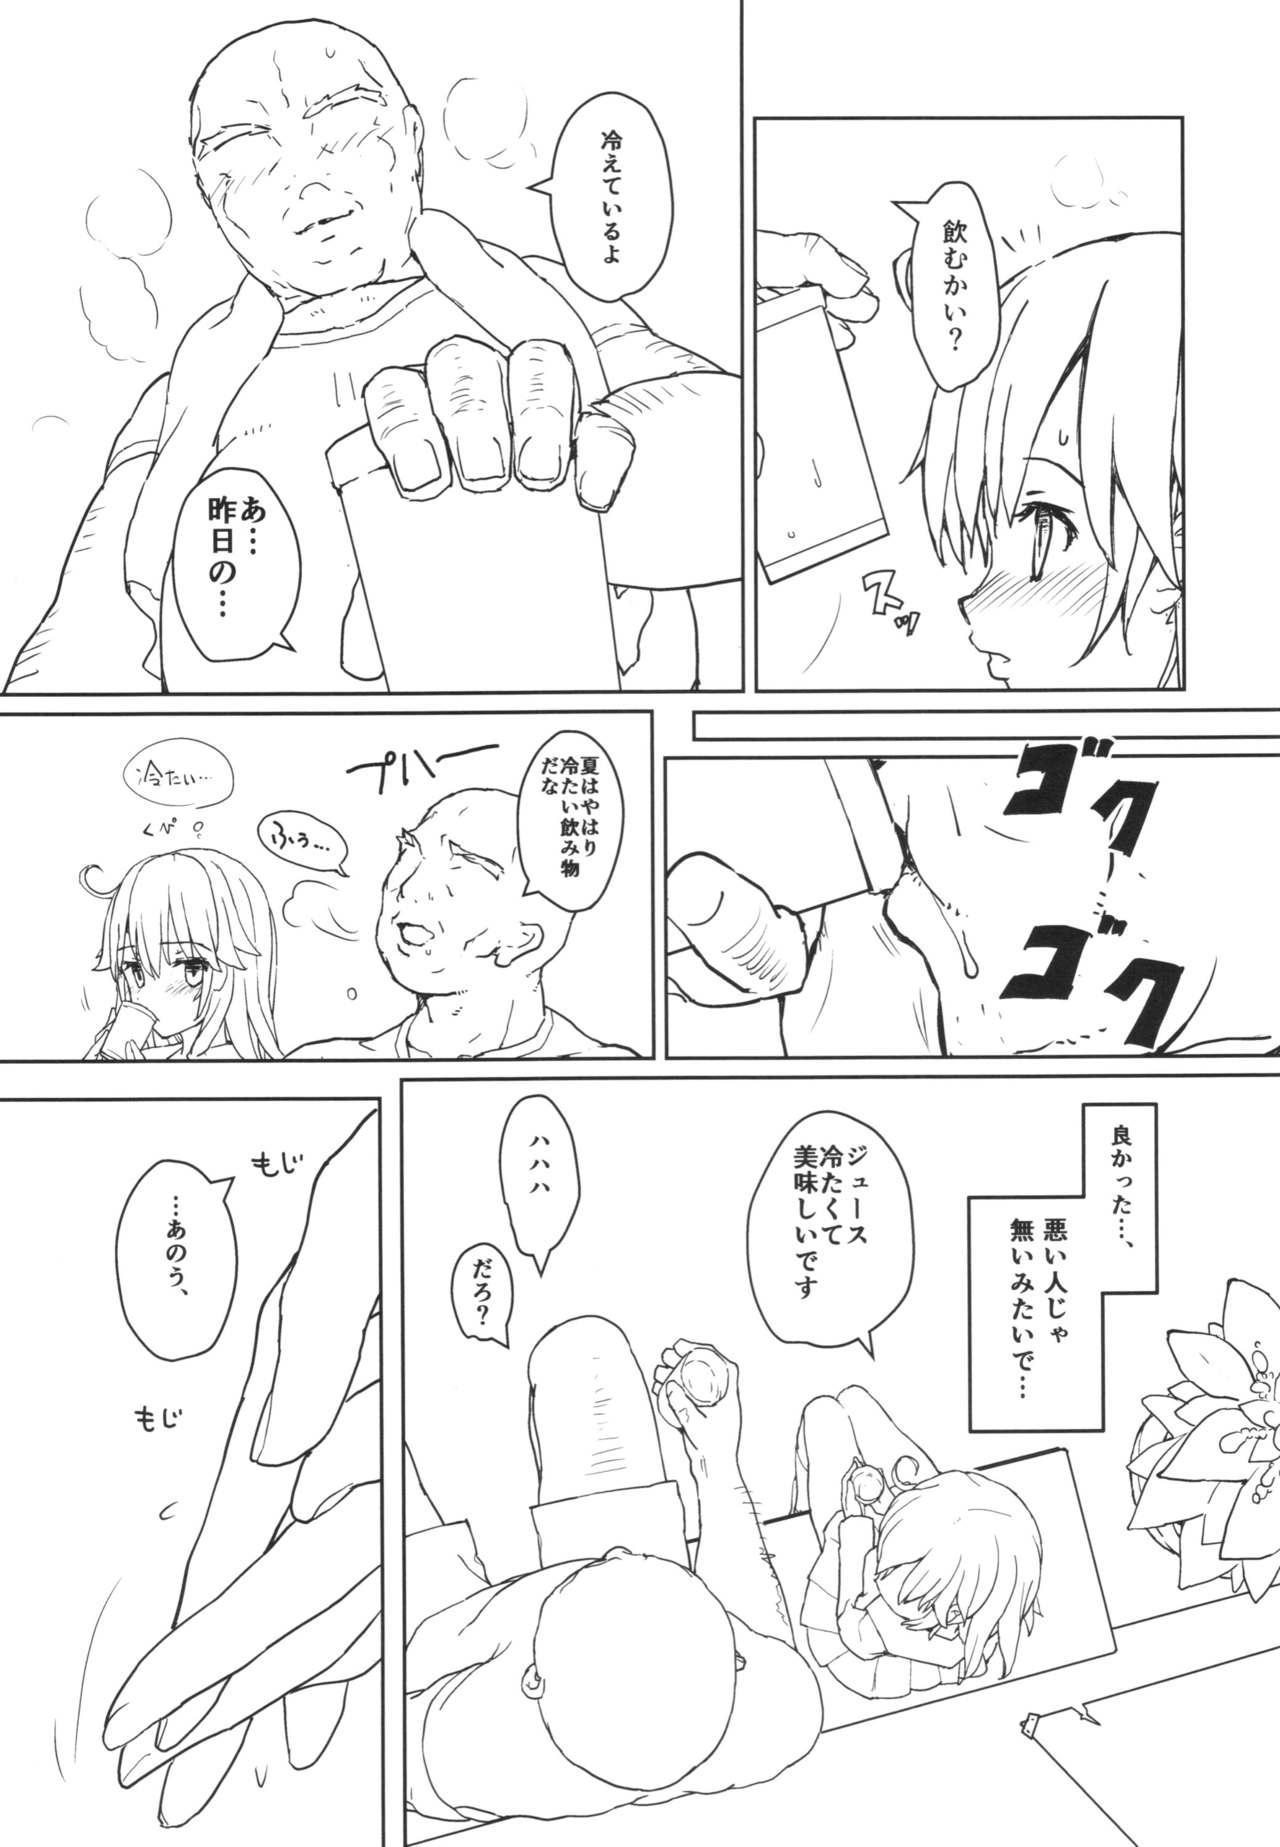 Ushio no Onsen Kuchikukan 10